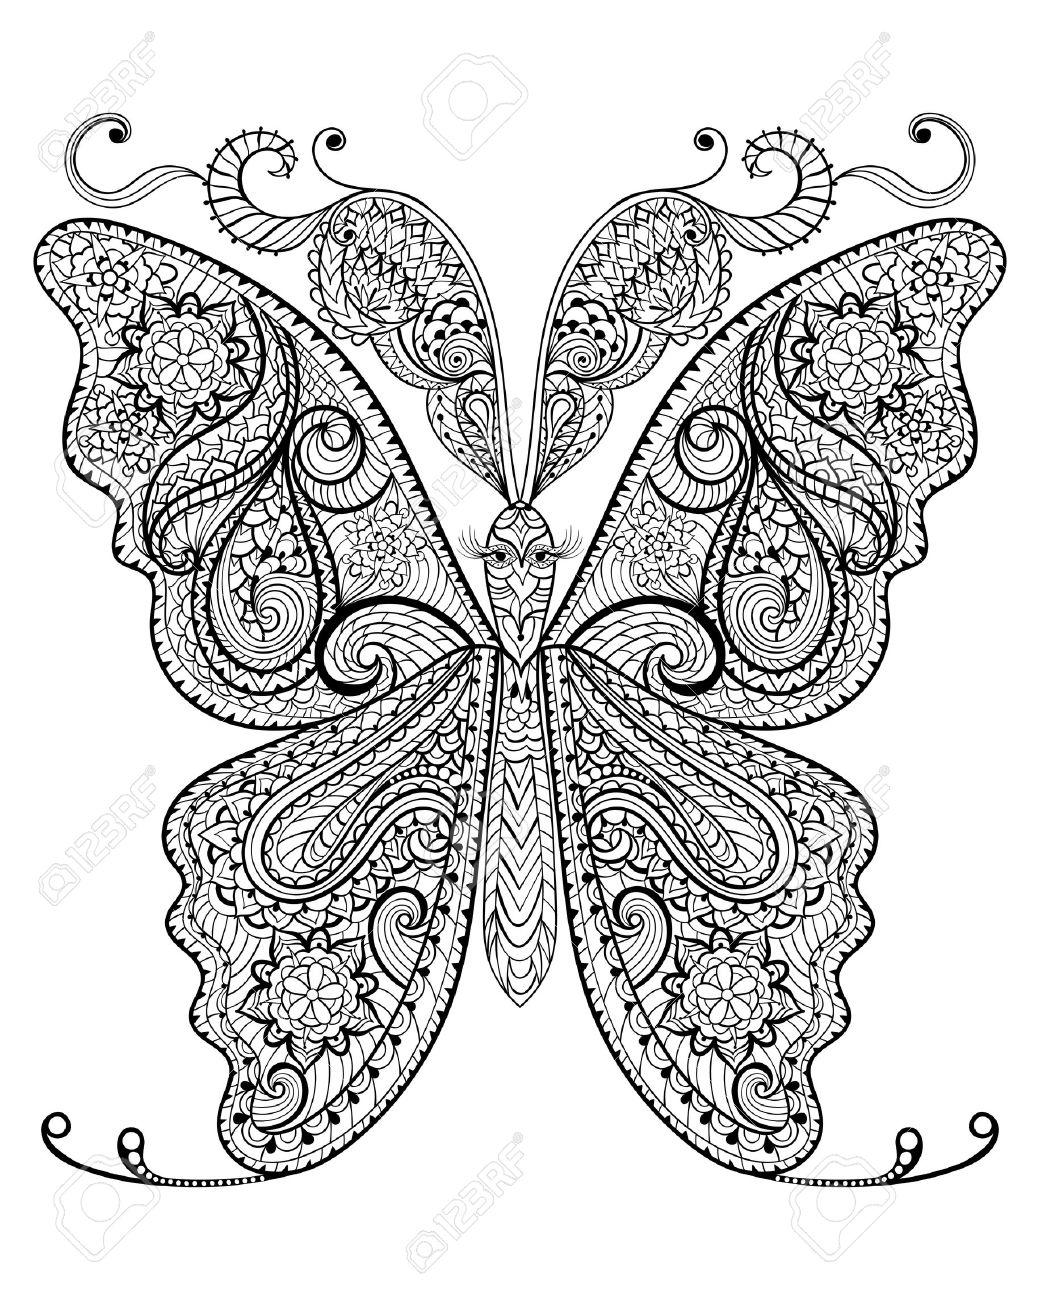 Hand Drawn Papillon Magique Pour Anti Stress Adulte Coloriage Avec Des Details Eleves Isole Sur Fond Blanc Illustration Dans Le Style Zentangle Vector Monochrome Croquis Collection Nature Clip Art Libres De Droits